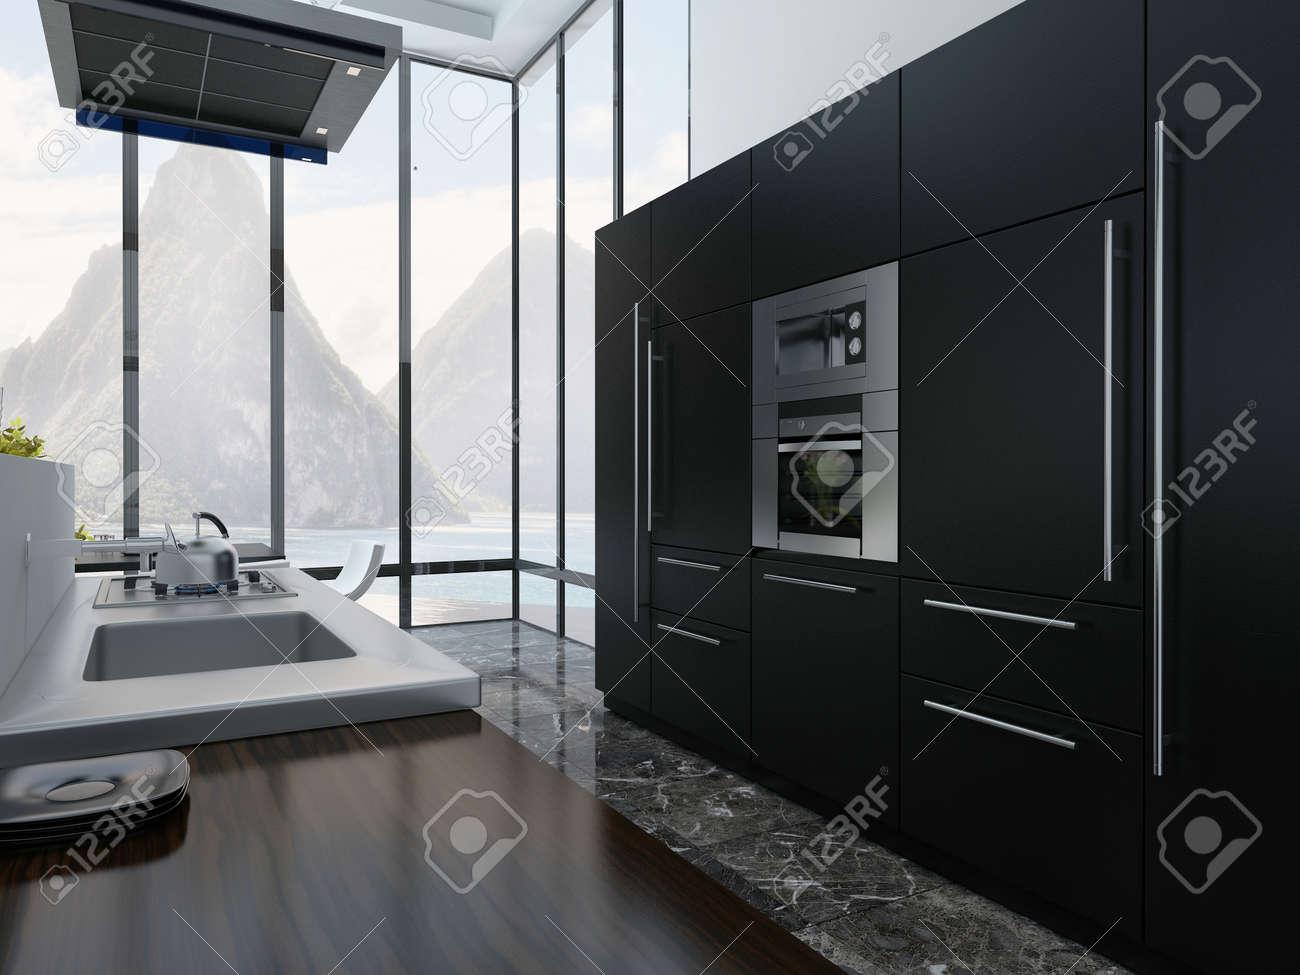 Imagen Del Interior De La Cocina Con Electrodomesticos Negros Fotos - Electrodomesticos-negros